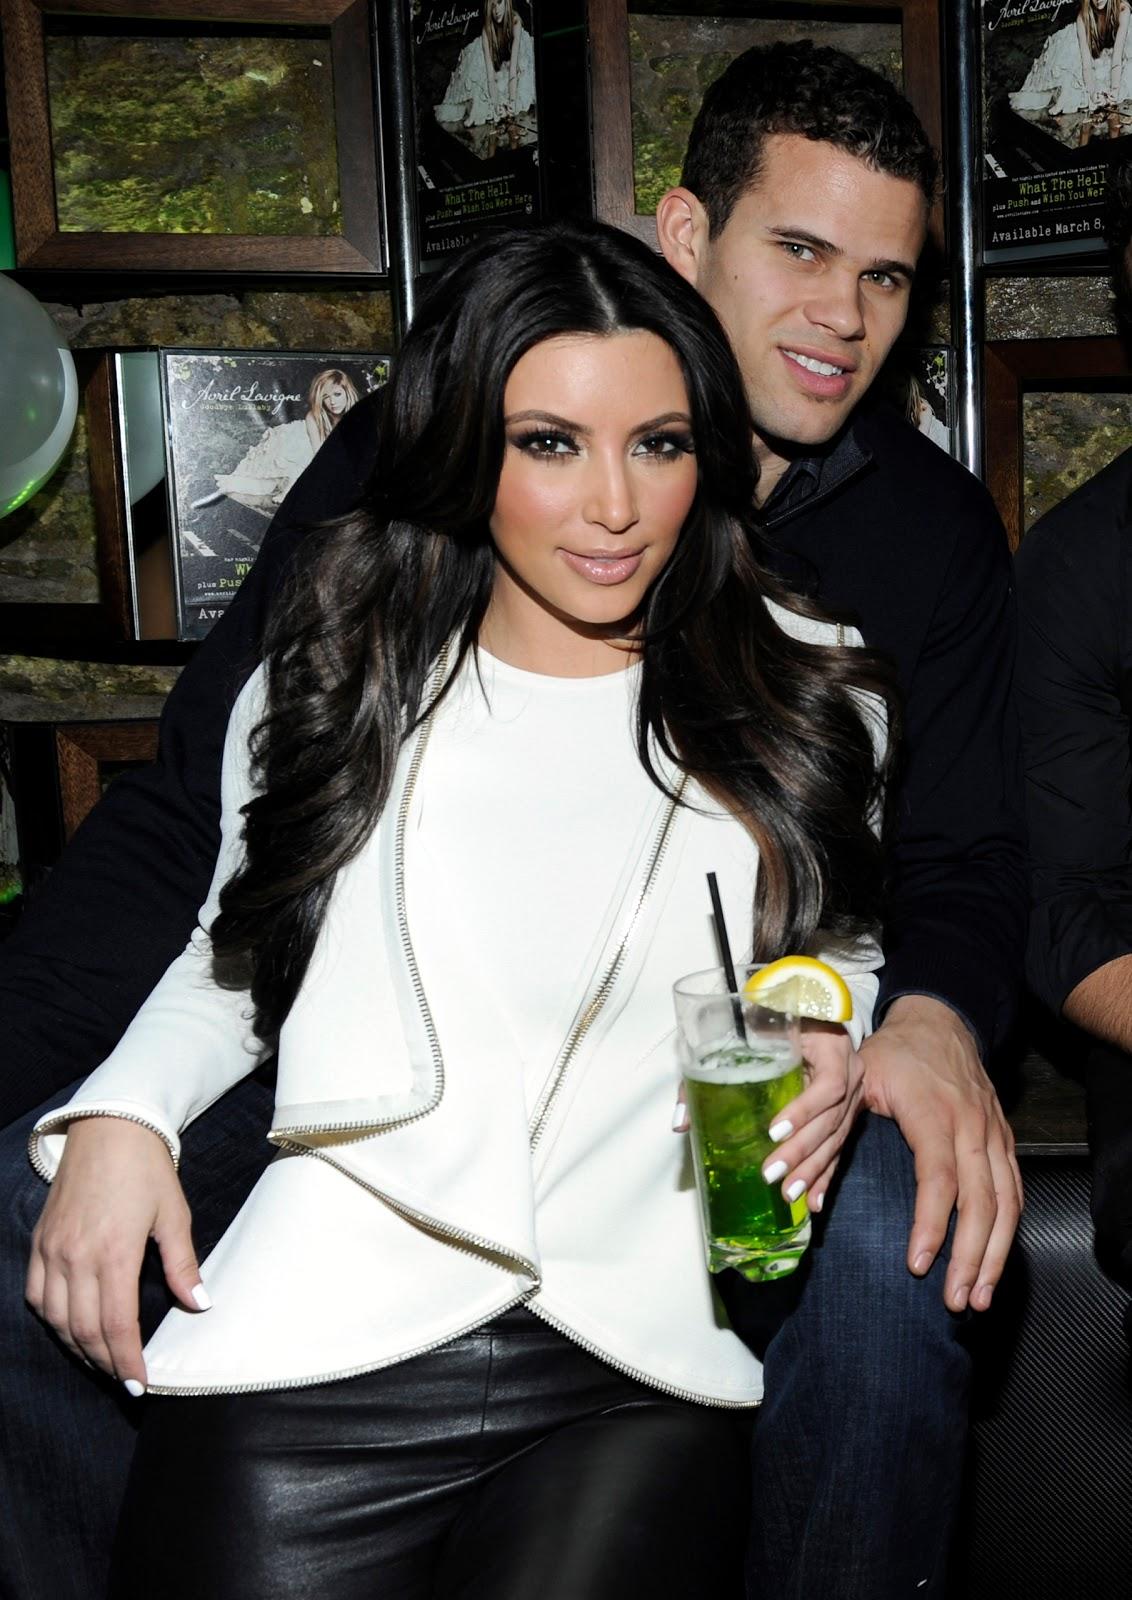 http://1.bp.blogspot.com/-RYK60PGfvjE/Tq7zTjrtZCI/AAAAAAAACkI/4NZg84vjwOY/s1600/kim-kardashian-kris-humphries.jpg